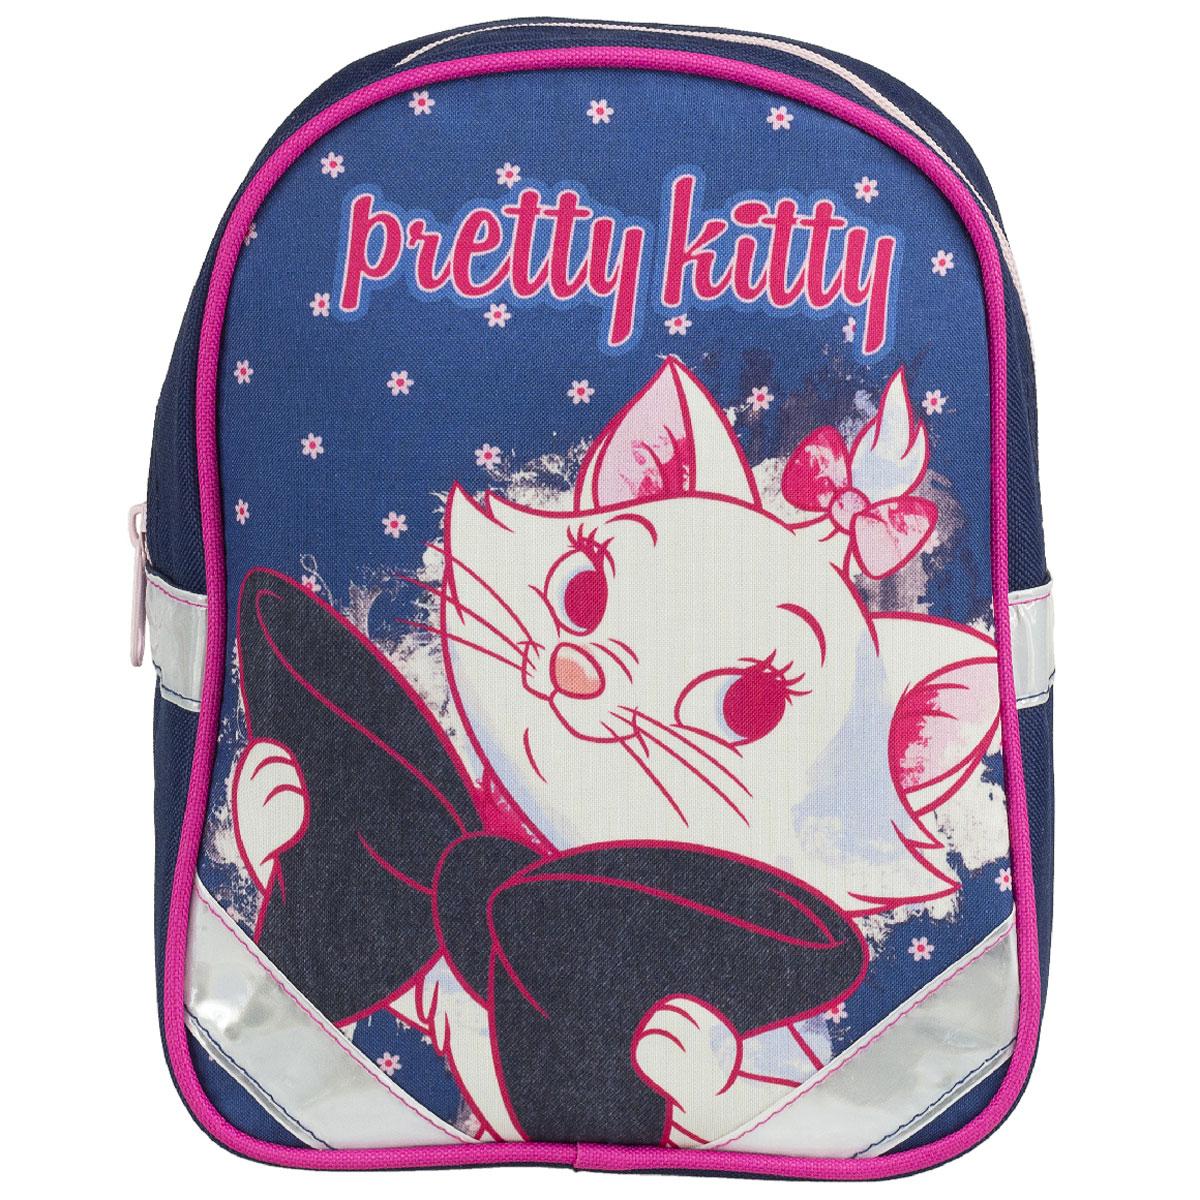 Рюкзак детский Kinderline Marie Cat, цвет: синий, белый, розовыйMCCB-UT1-531Рюкзак детский Kinderline Marie Cat выполнен из износоустойчивых материалов с водонепроницаемой основой, декорирован ярким рисунком. Рюкзак имеет одно вместительное основное отделение, закрывающееся на молнию.Ранец оснащен светоотражателями, удобной ручкой для переноски и двумя широкими лямками, регулируемой длины. С модным рюкзаком Marie Cat ваша малышка будет звездой! Стильный и продуманный до мелочей рюкзак позаботится о том, чтобы прогулки доставляли ребенку только удовольствие.